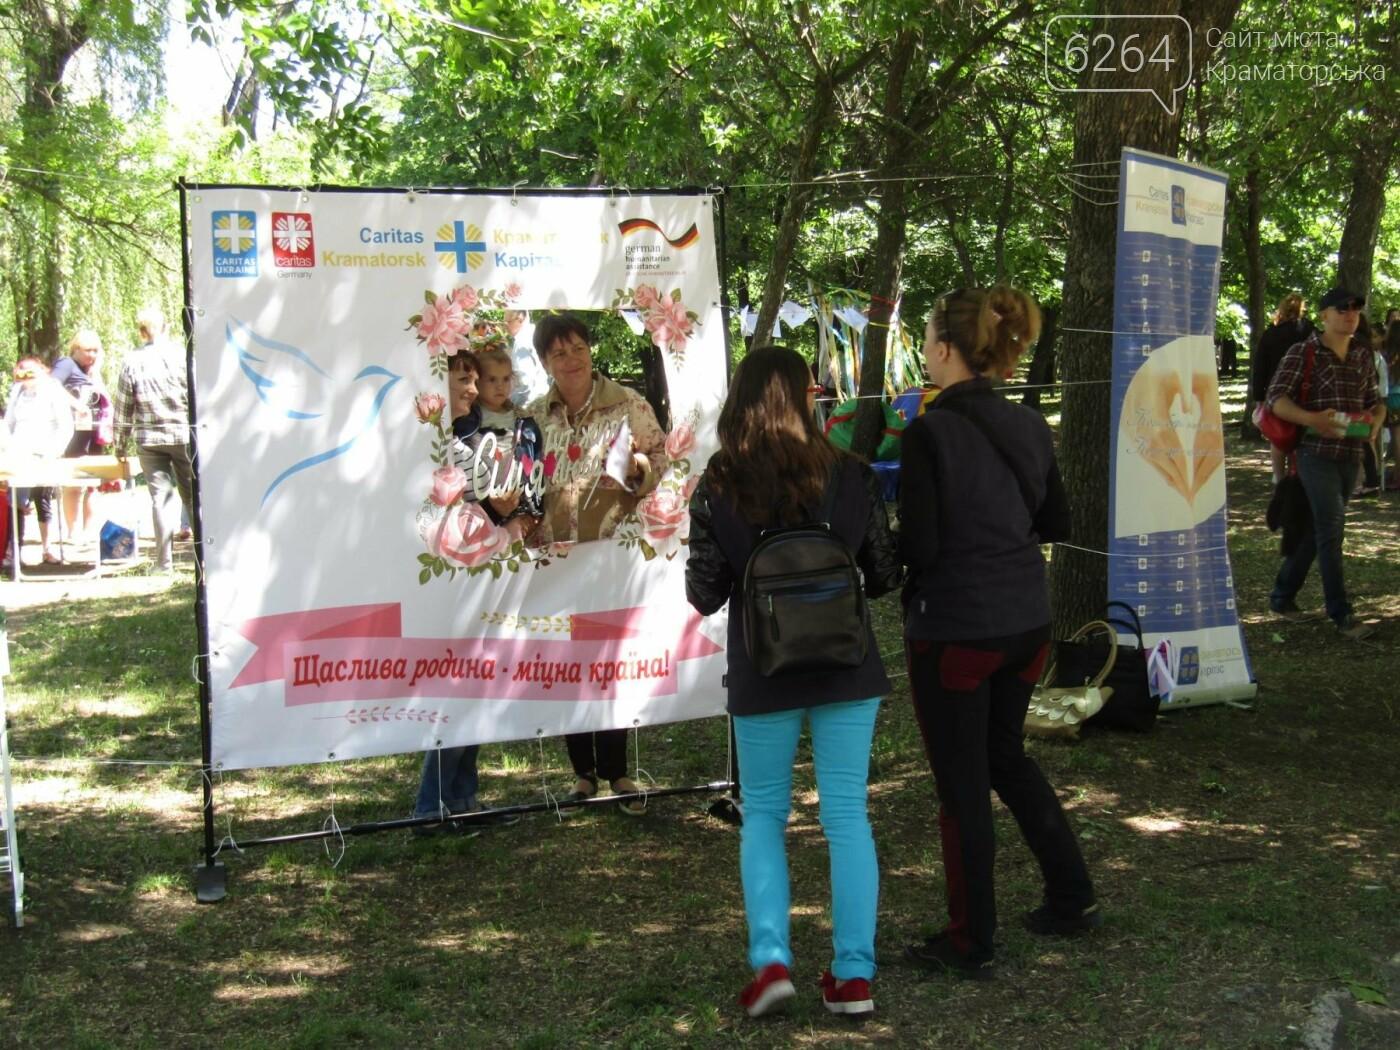 «Фестиваль семьи» порадовал жителей Краматорска, фото-3